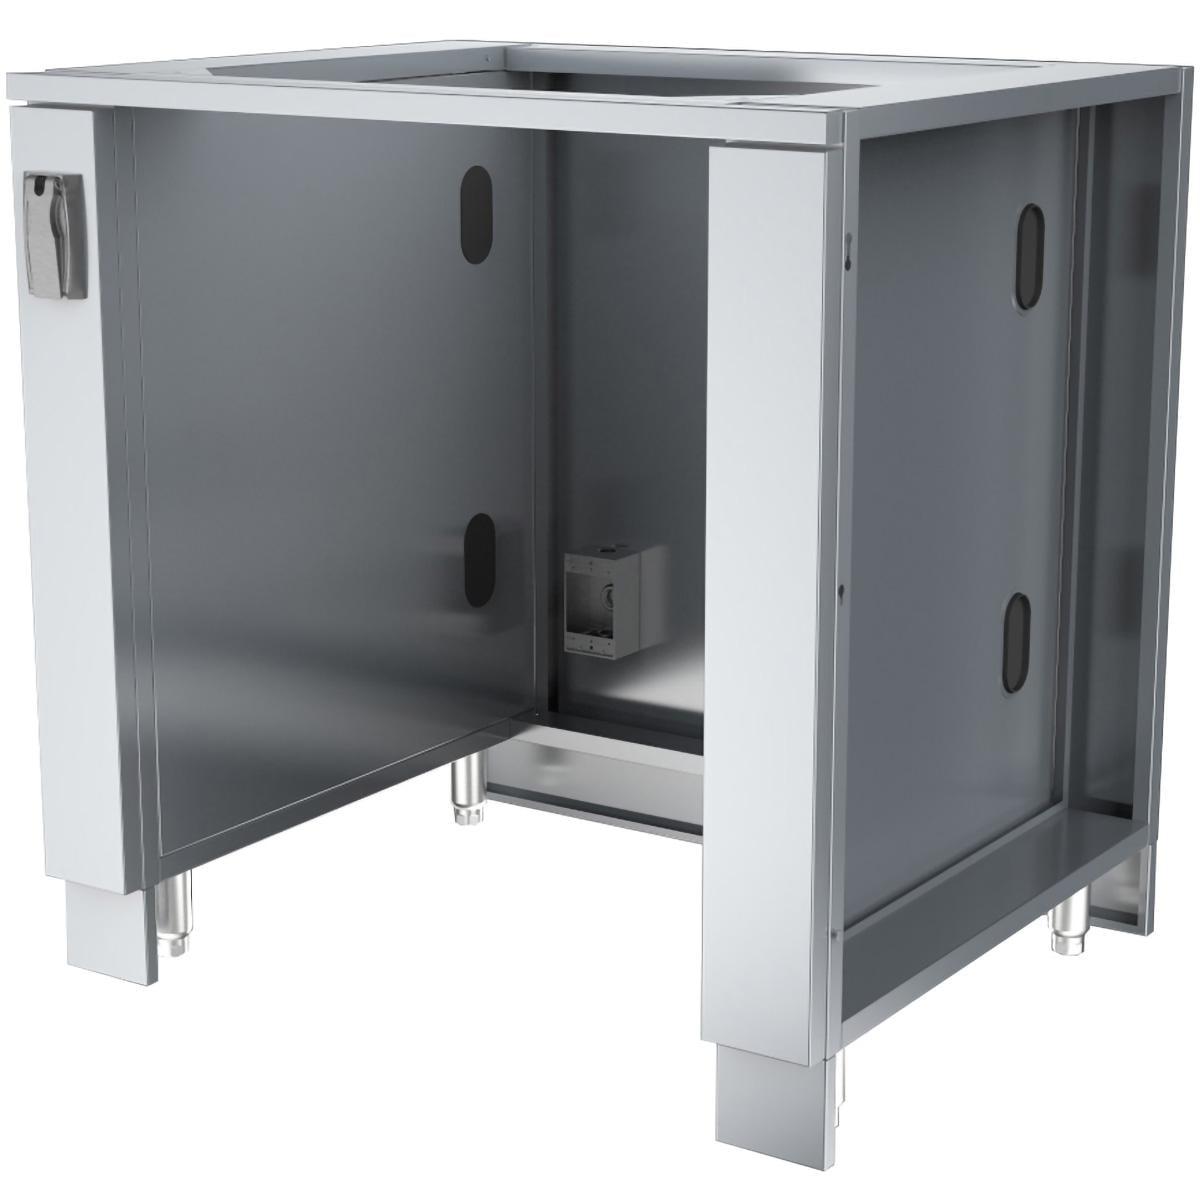 Sunstone 34-Inch Outdoor Kitchen Refrigerator Appliance Cabinet